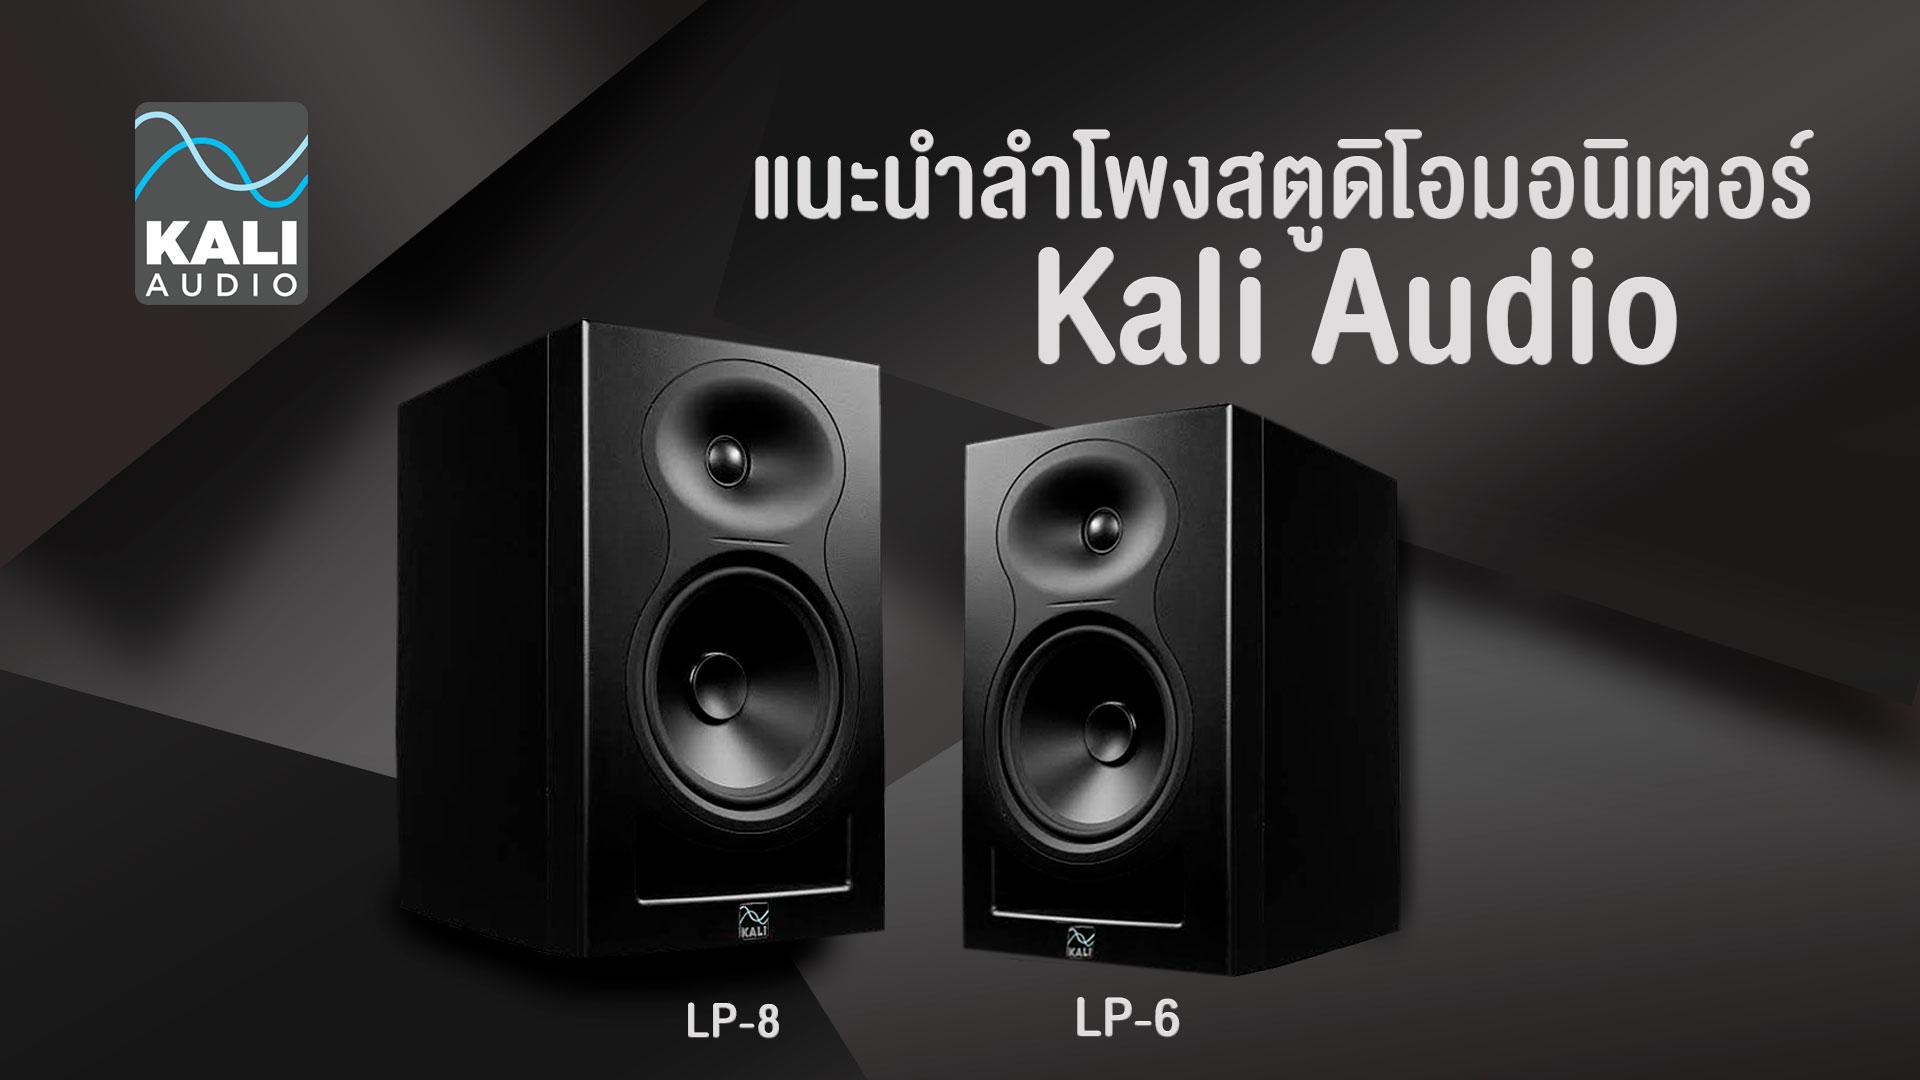 แนะนำลำโพงสตูดิโอมอนิเตอร์ Kali Audio